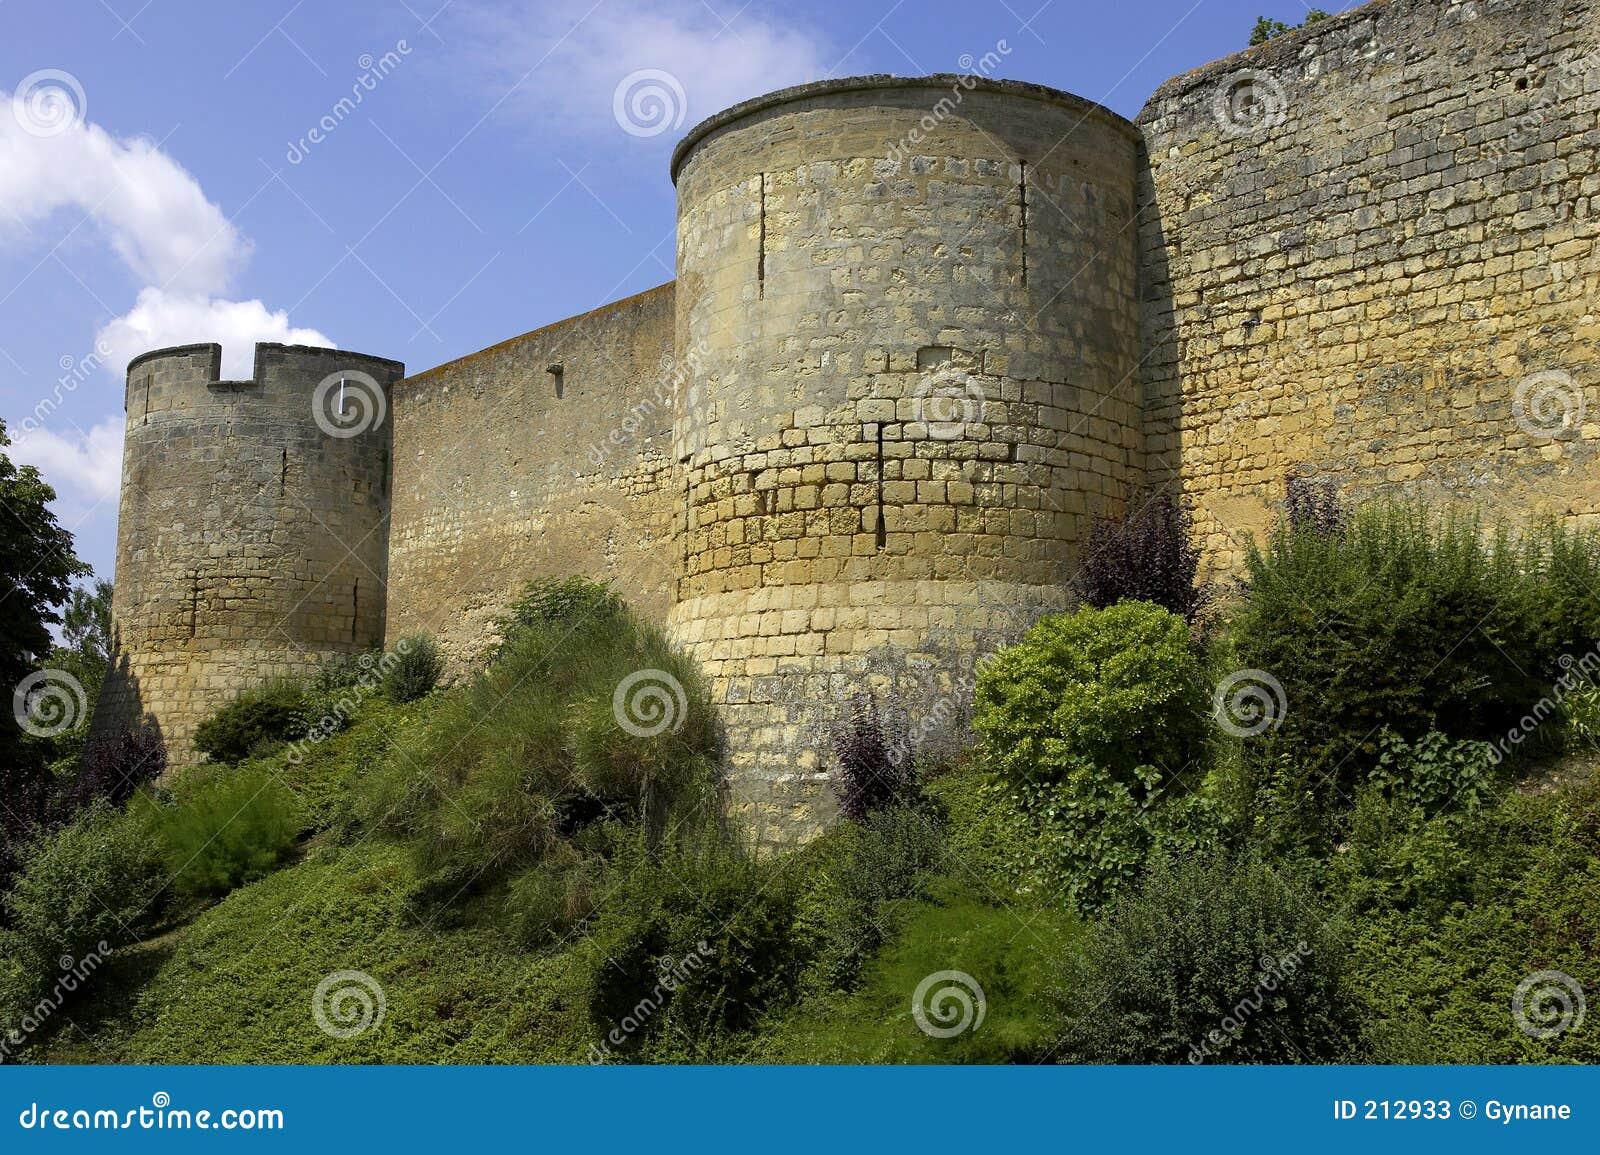 Il castello mura Loire Valley montreuil-bellay Francia